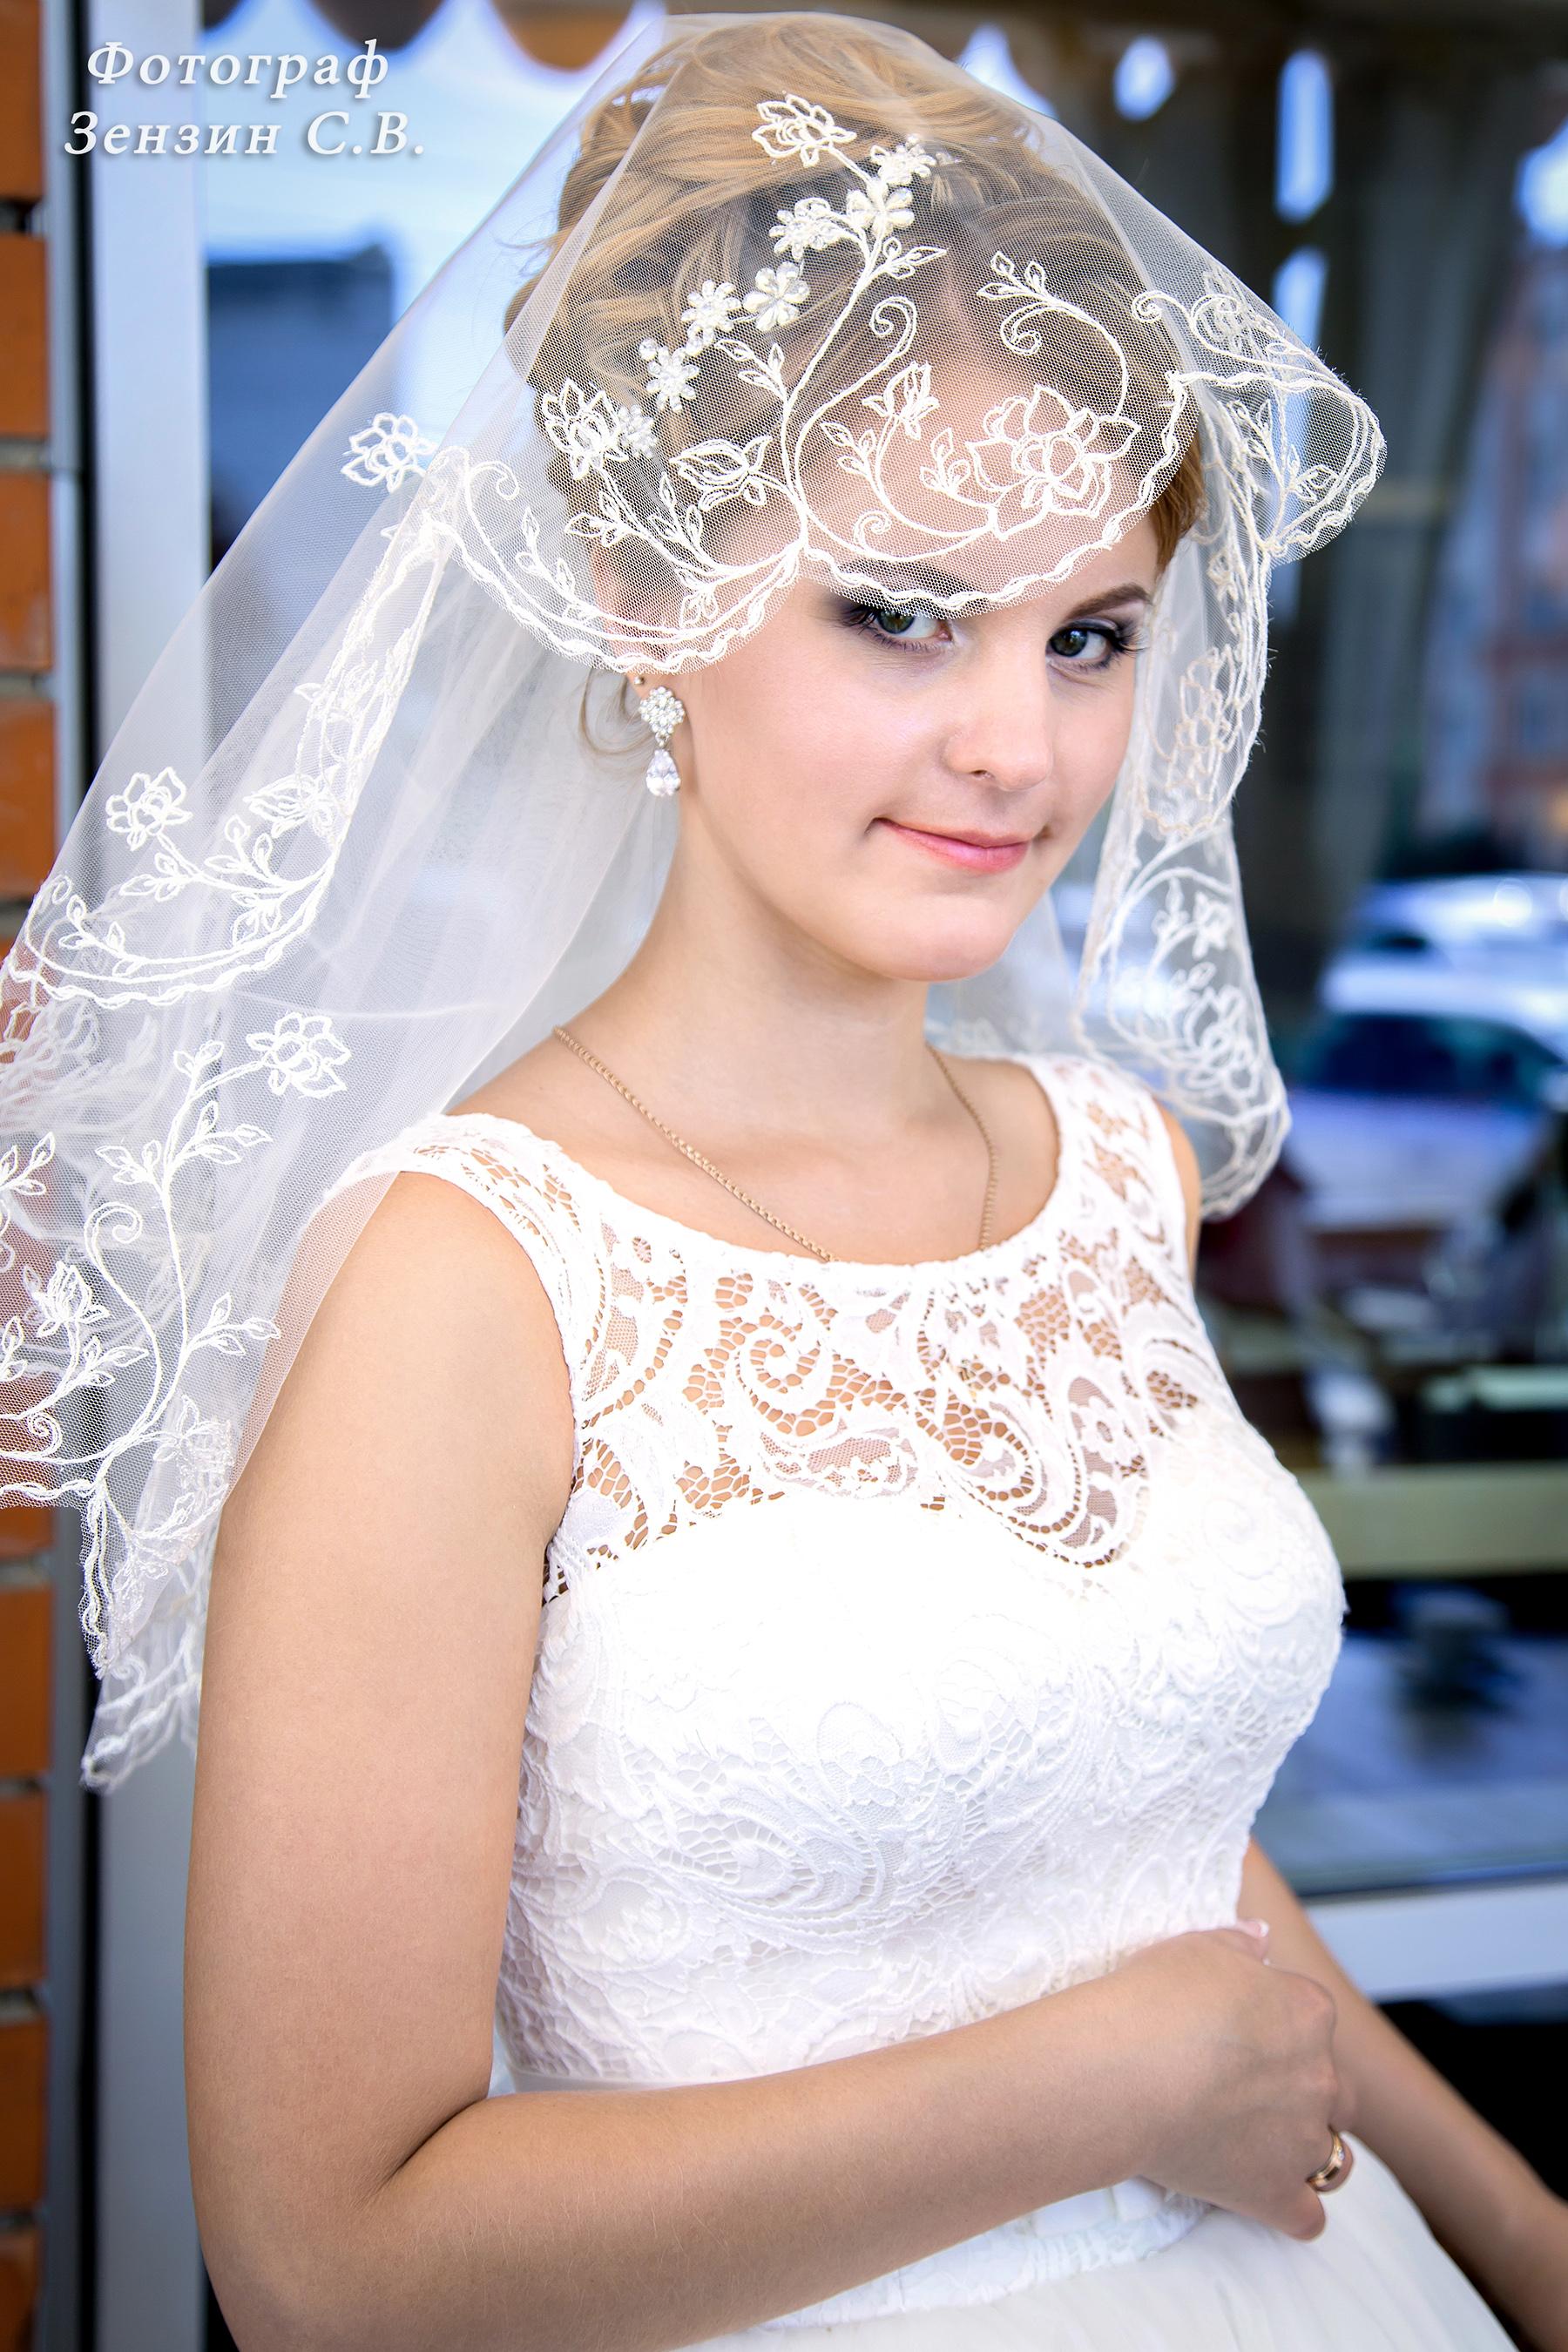 Свадьба Армянская Барнаул 19-08-2016 Рафик + Ксения. фотограф Зензин С.В.   http___www.photo-svz1